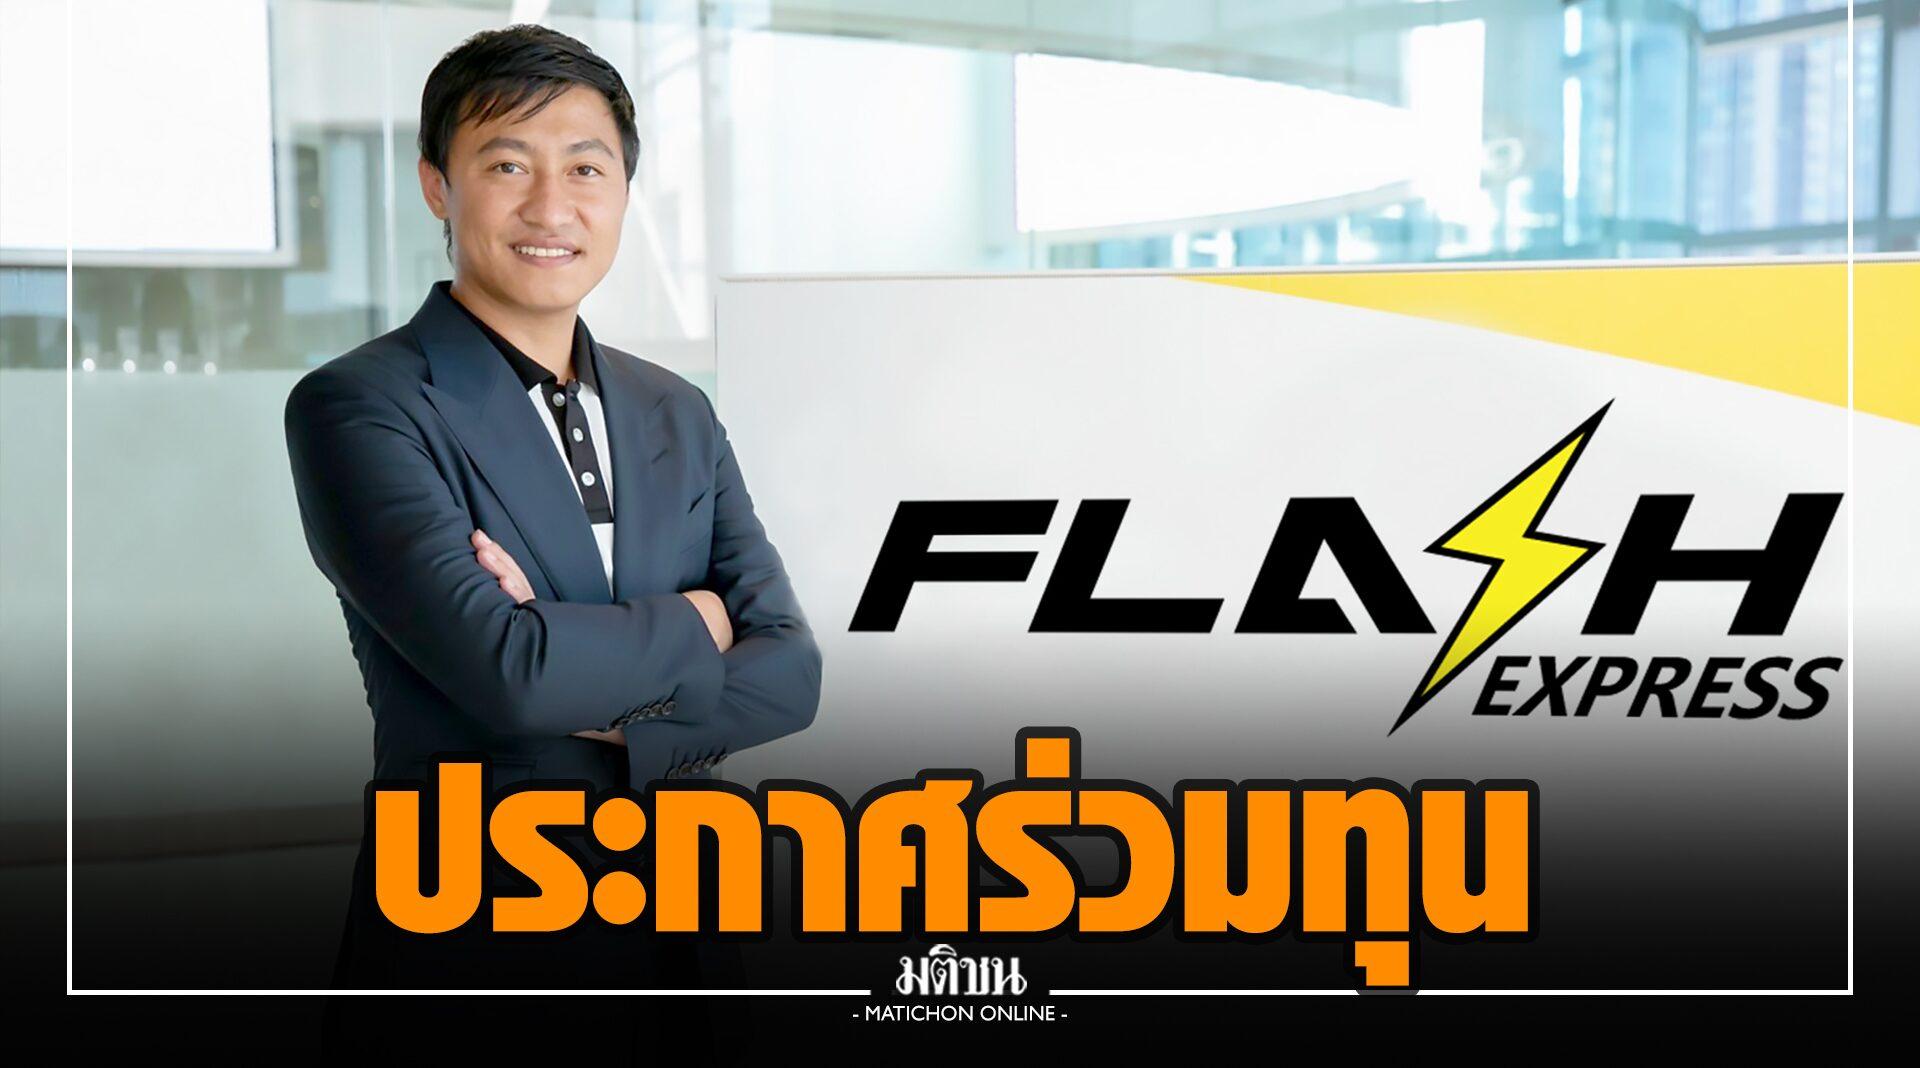 แฟลช เอ็กซ์เพรส ประกาศร่วมทุน AIF GroupLaos รุกตลาดอีคอมเมิร์ซ ใน CLMV เปิดตัว 'แฟลช ลาว' ขนส่งแบบครบวงจร